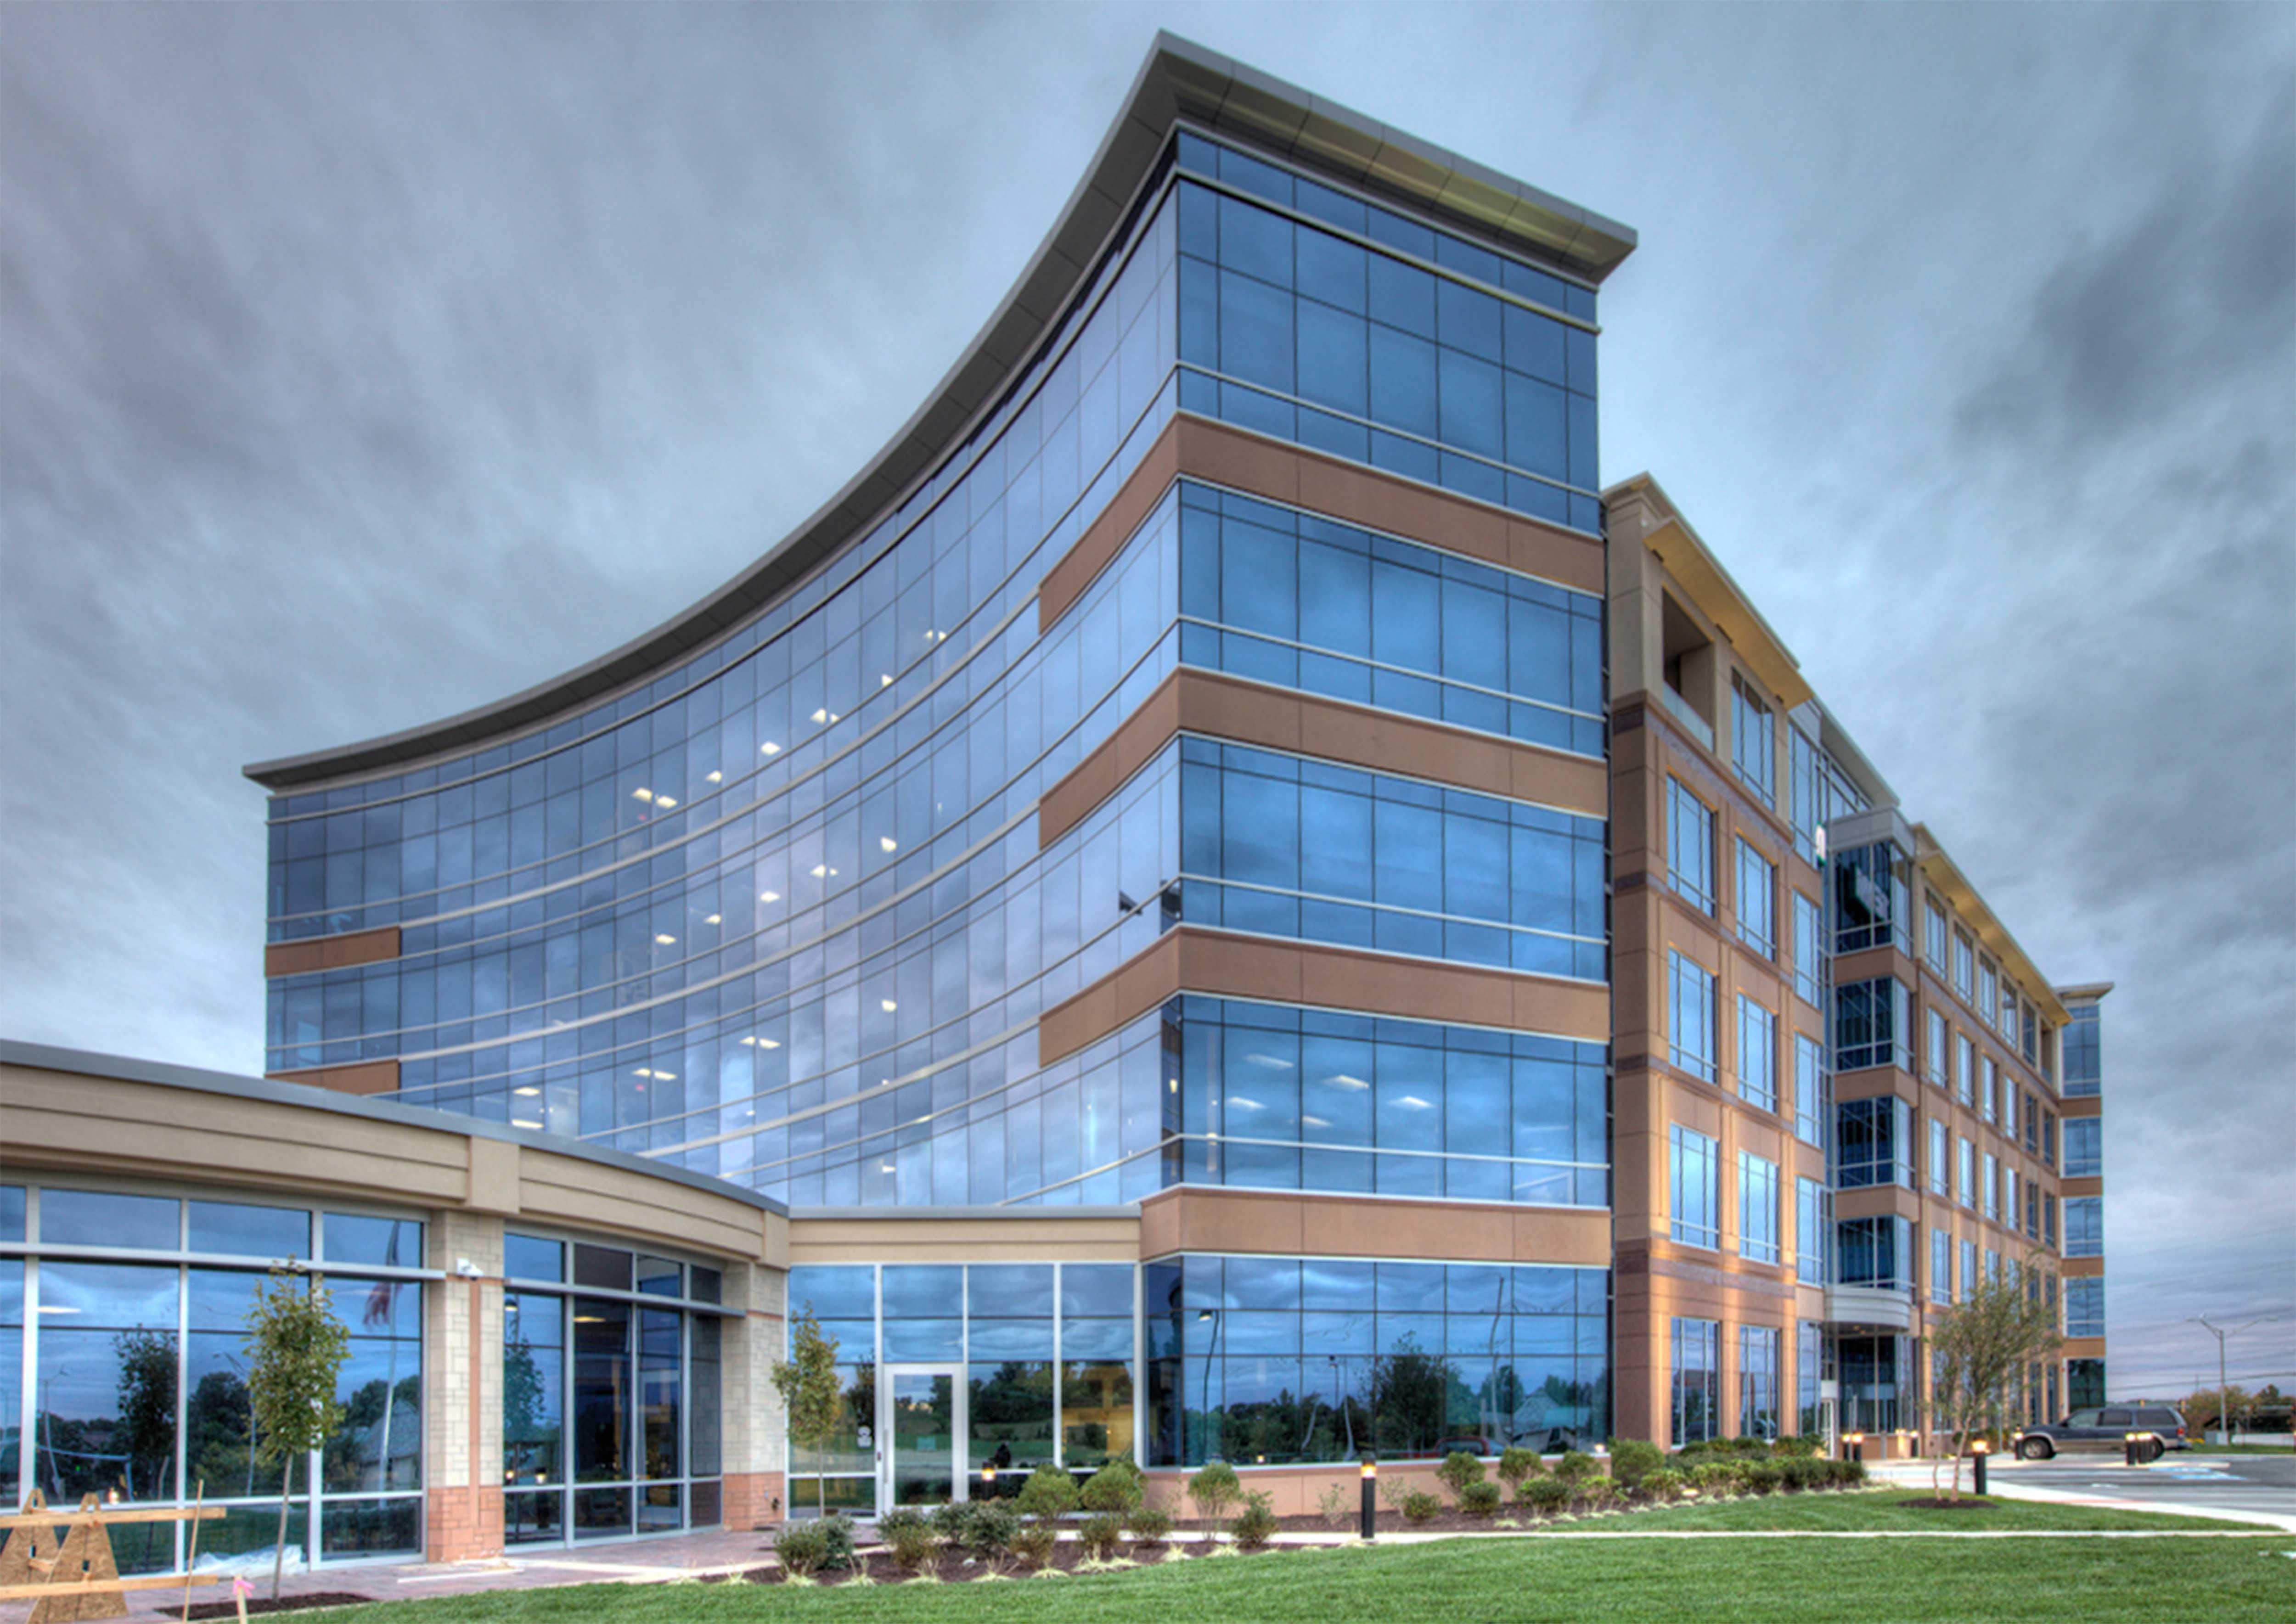 TEVA Neuroscience Corporate Headquarters is LEED Certified